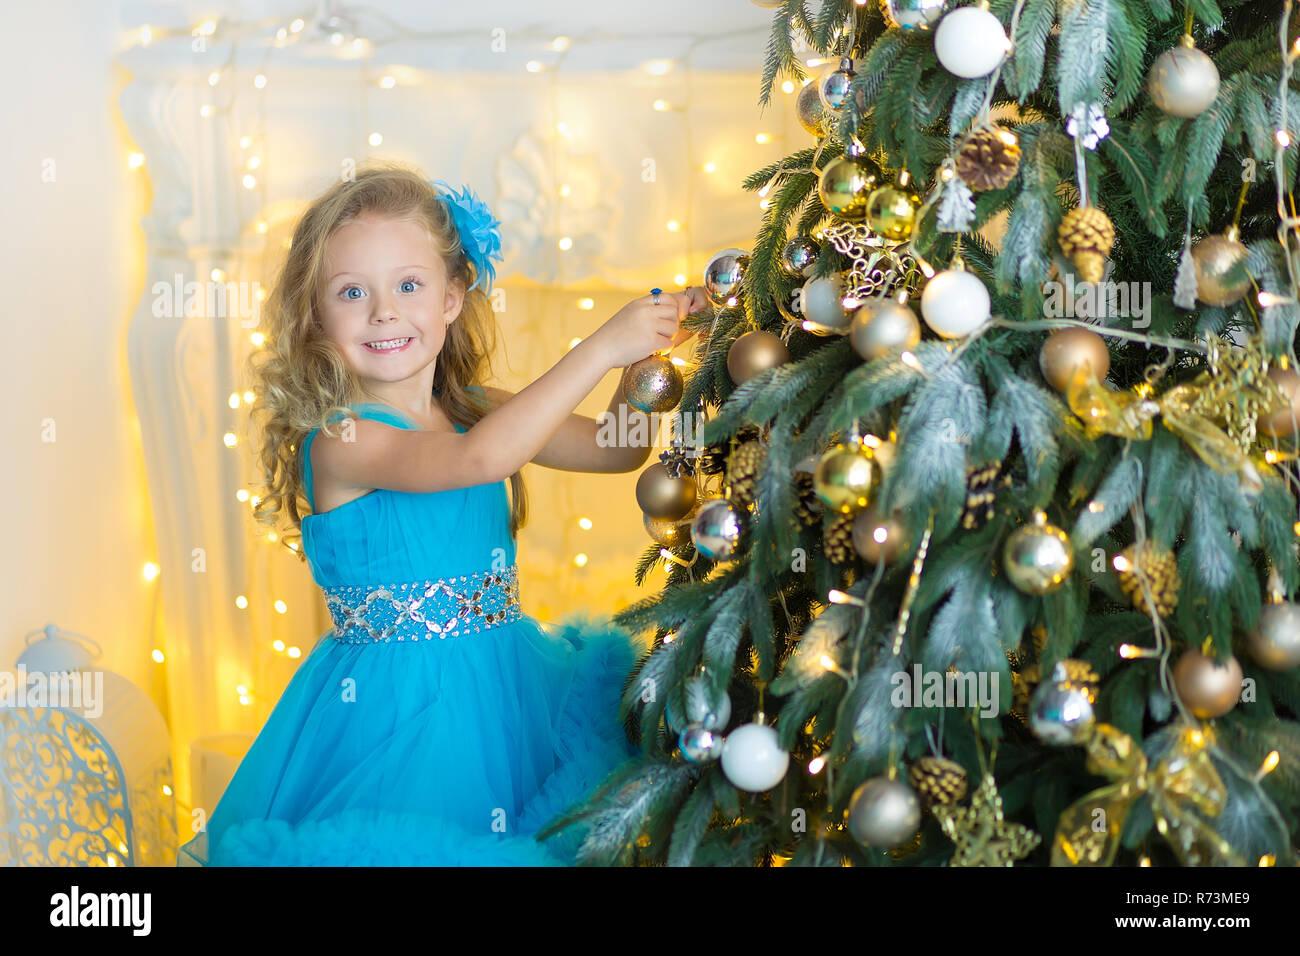 7b4d6d4f95 Hermosa joven en azul blanco elegante vestido de noche sentado en el suelo  cerca del árbol